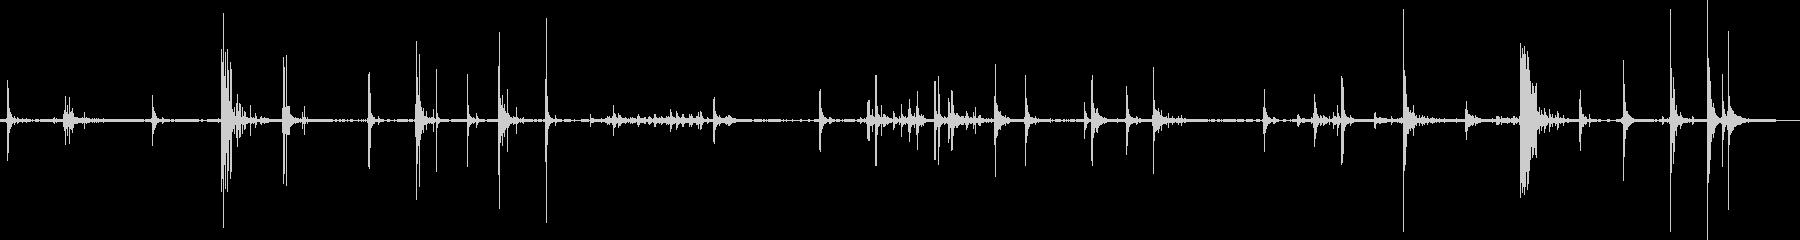 ドアスラムガラガラの未再生の波形